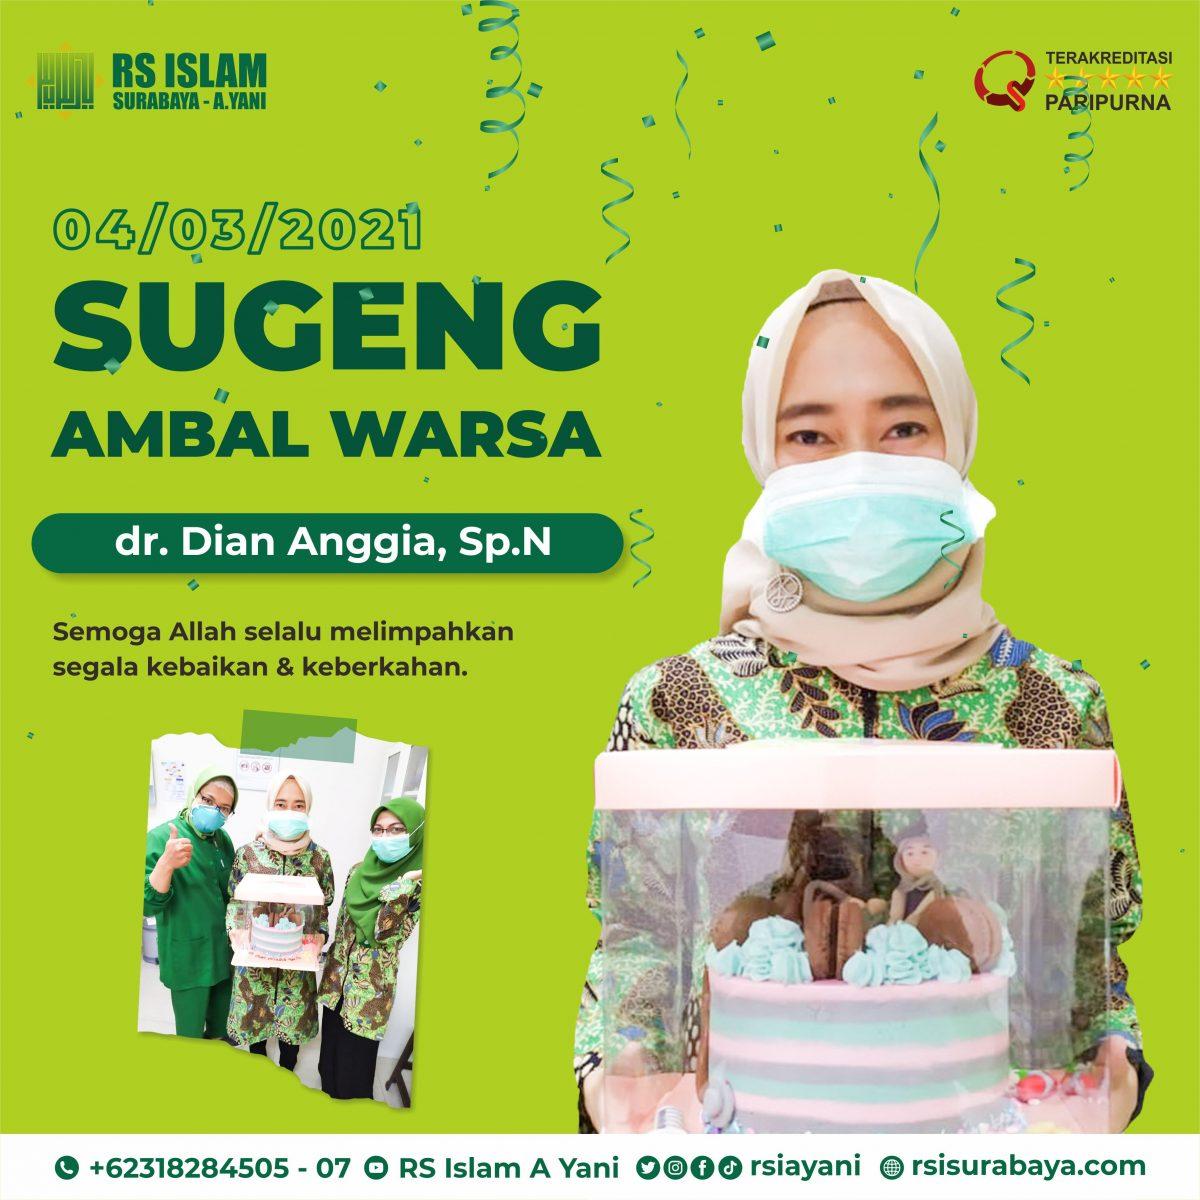 dr.-Dian-Anggia-Sp.N-1200x1200.jpg